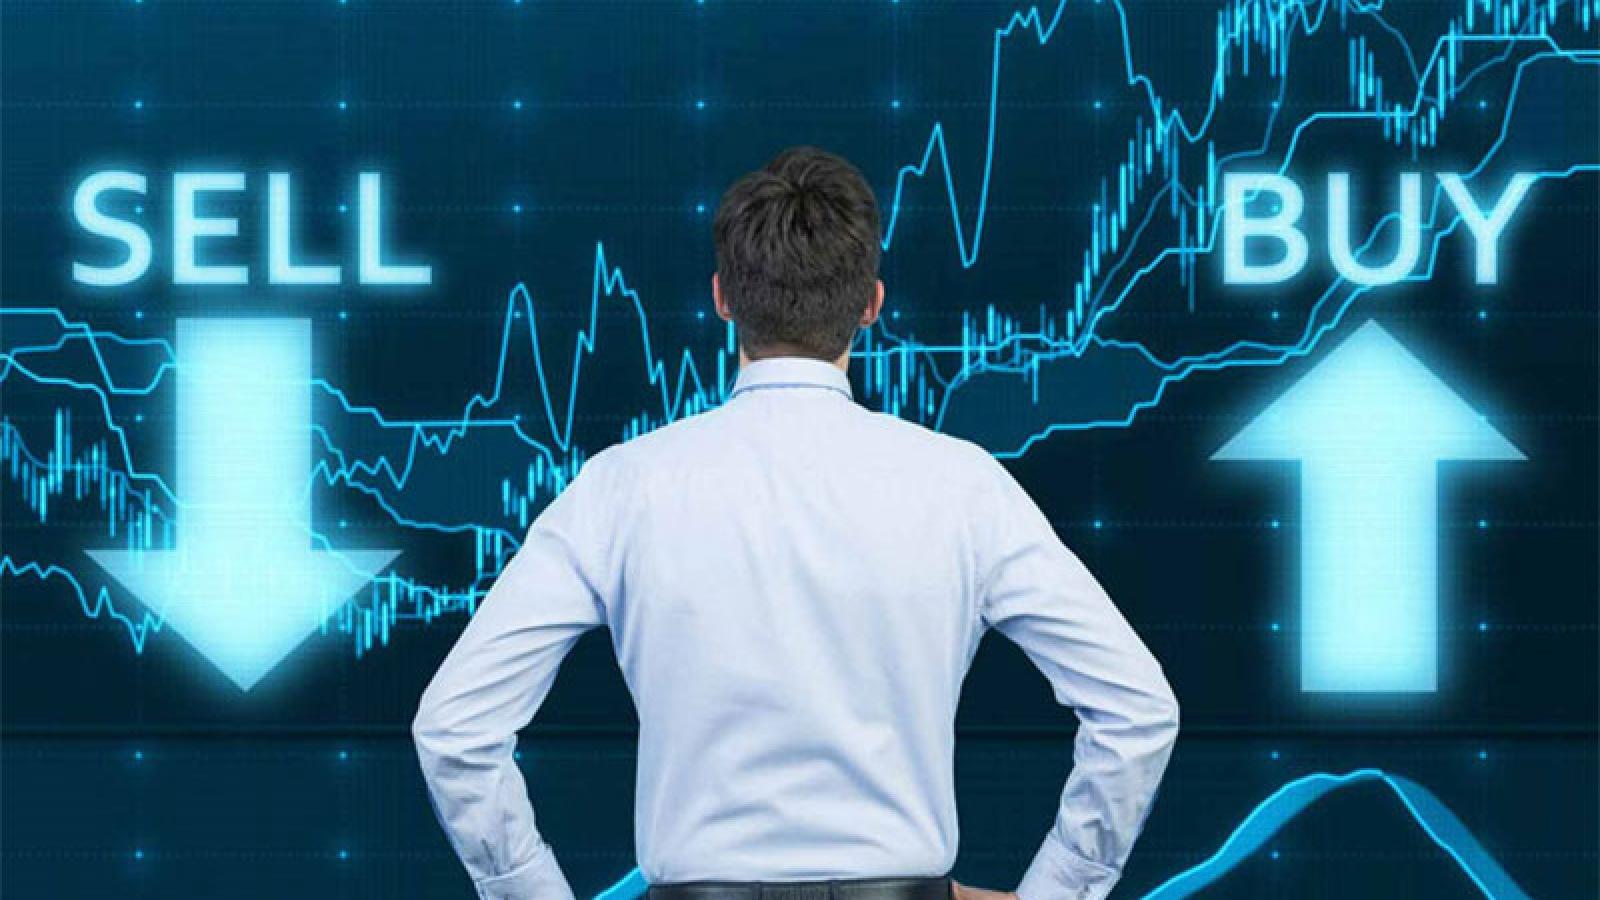 """Nhà đầu tư chứng khoán có thể cân nhắc giải ngân cho mục đích """"lướt sóng"""" ngắn hạn"""